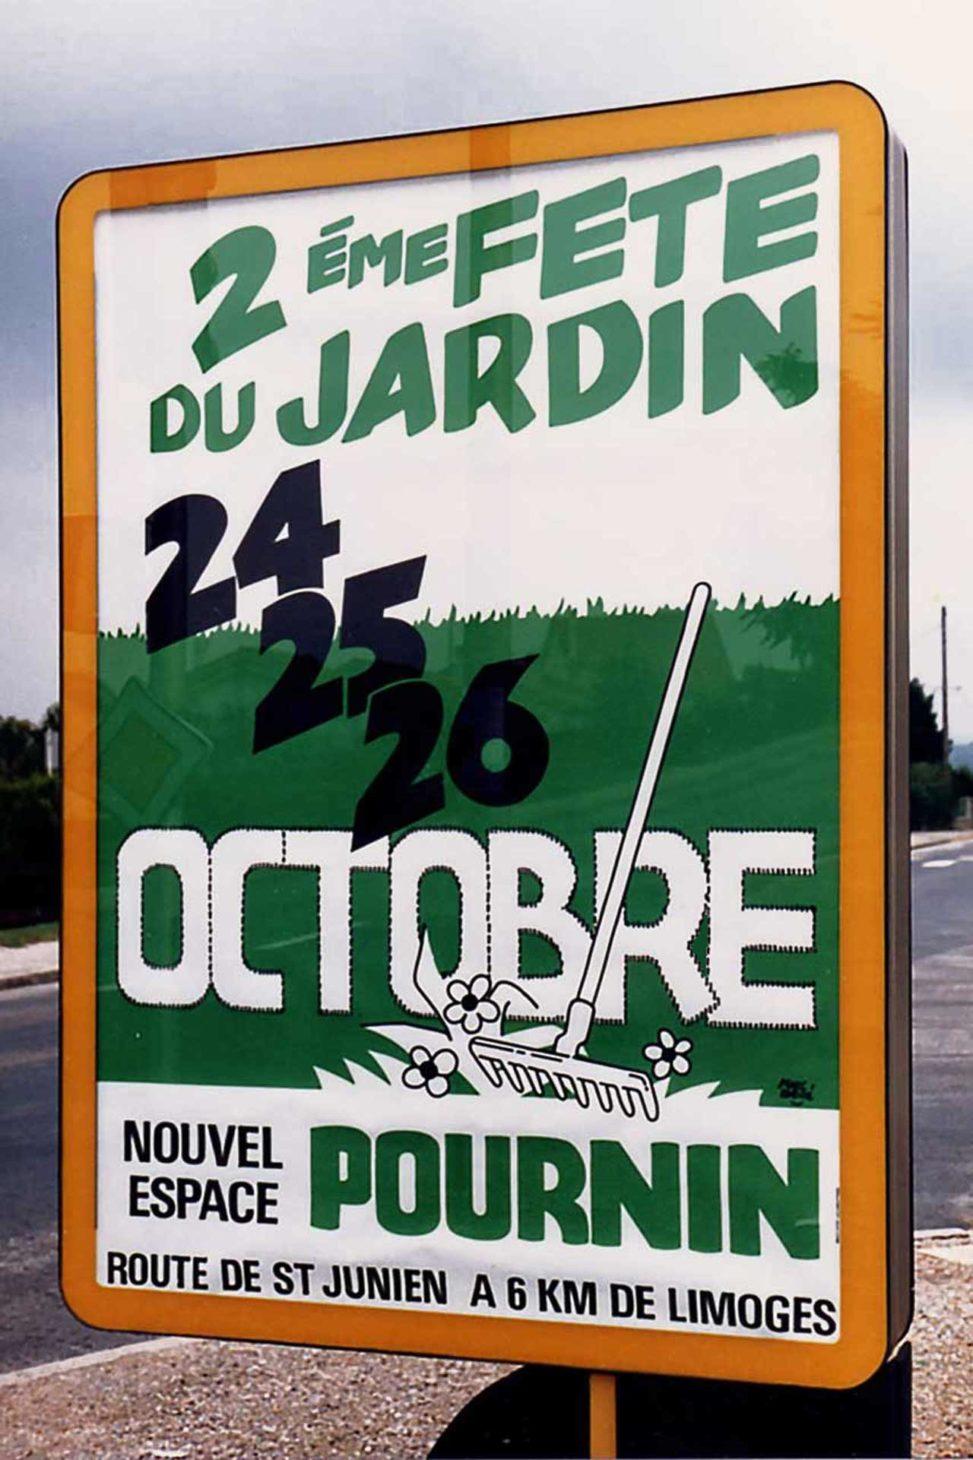 Pournin-affiche-120x175-2ème-fête-du-jardin-1986.jpg